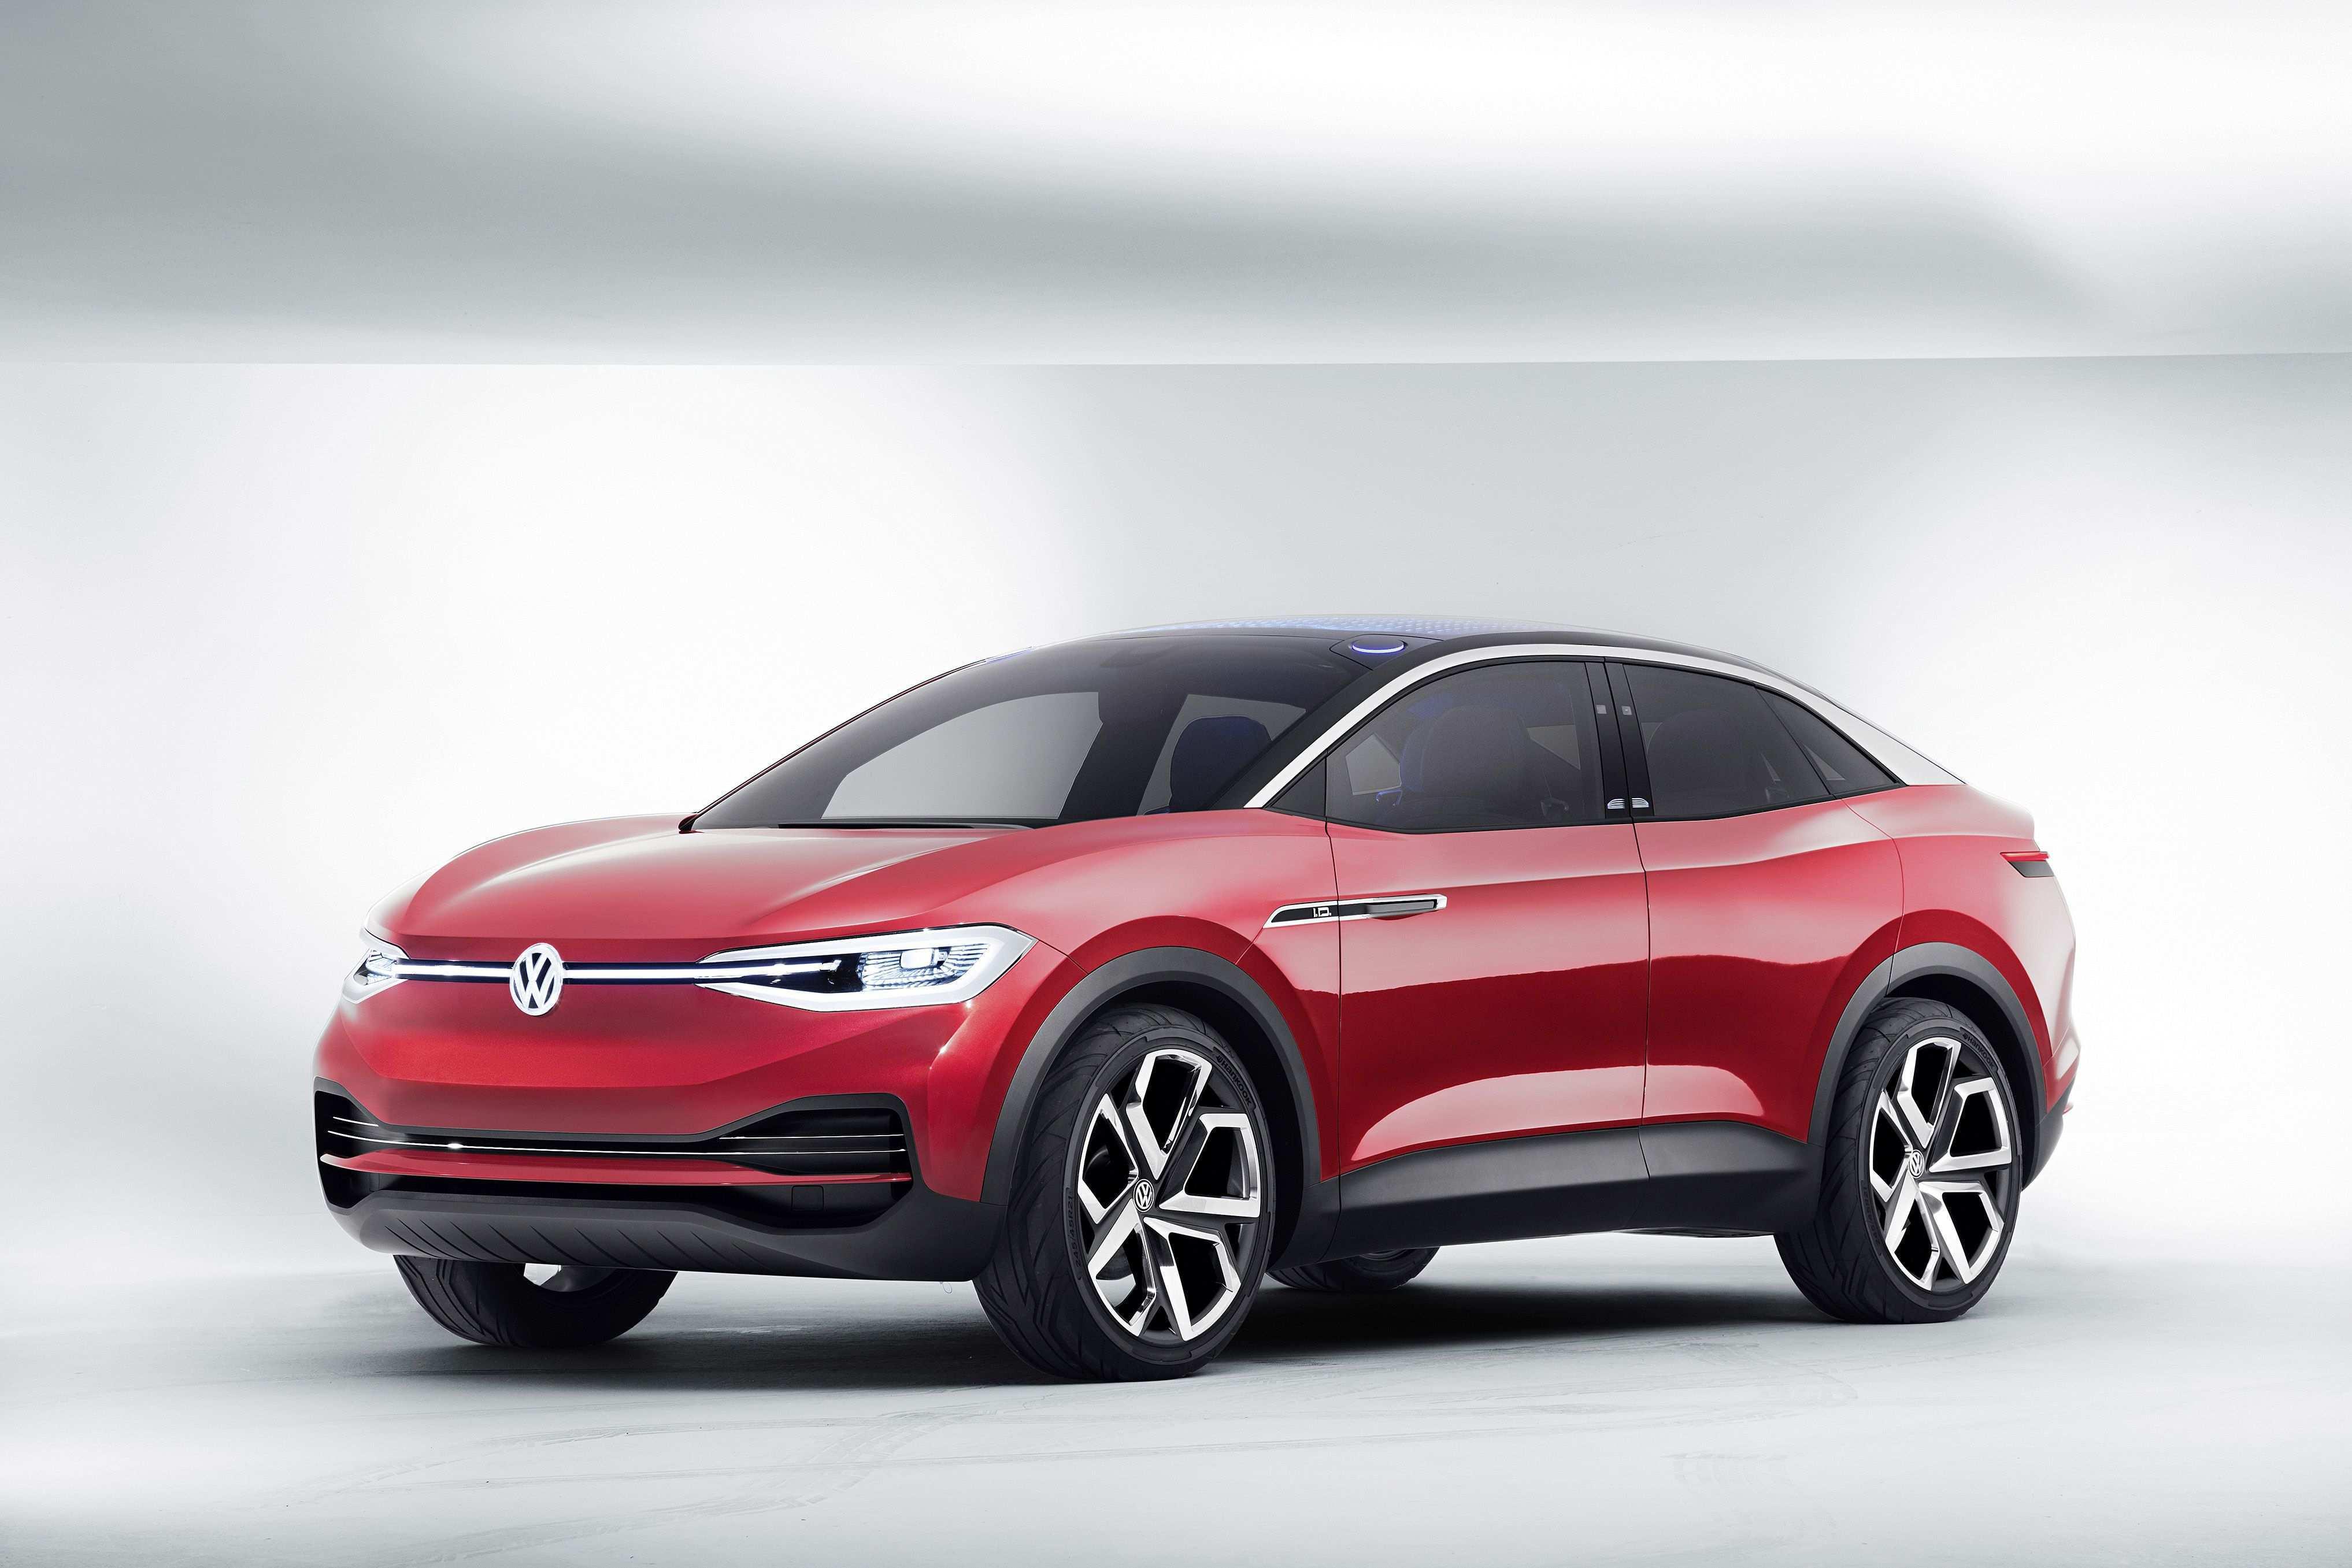 59 Best Review Crossover Volkswagen 2019 Concept Price for Crossover Volkswagen 2019 Concept